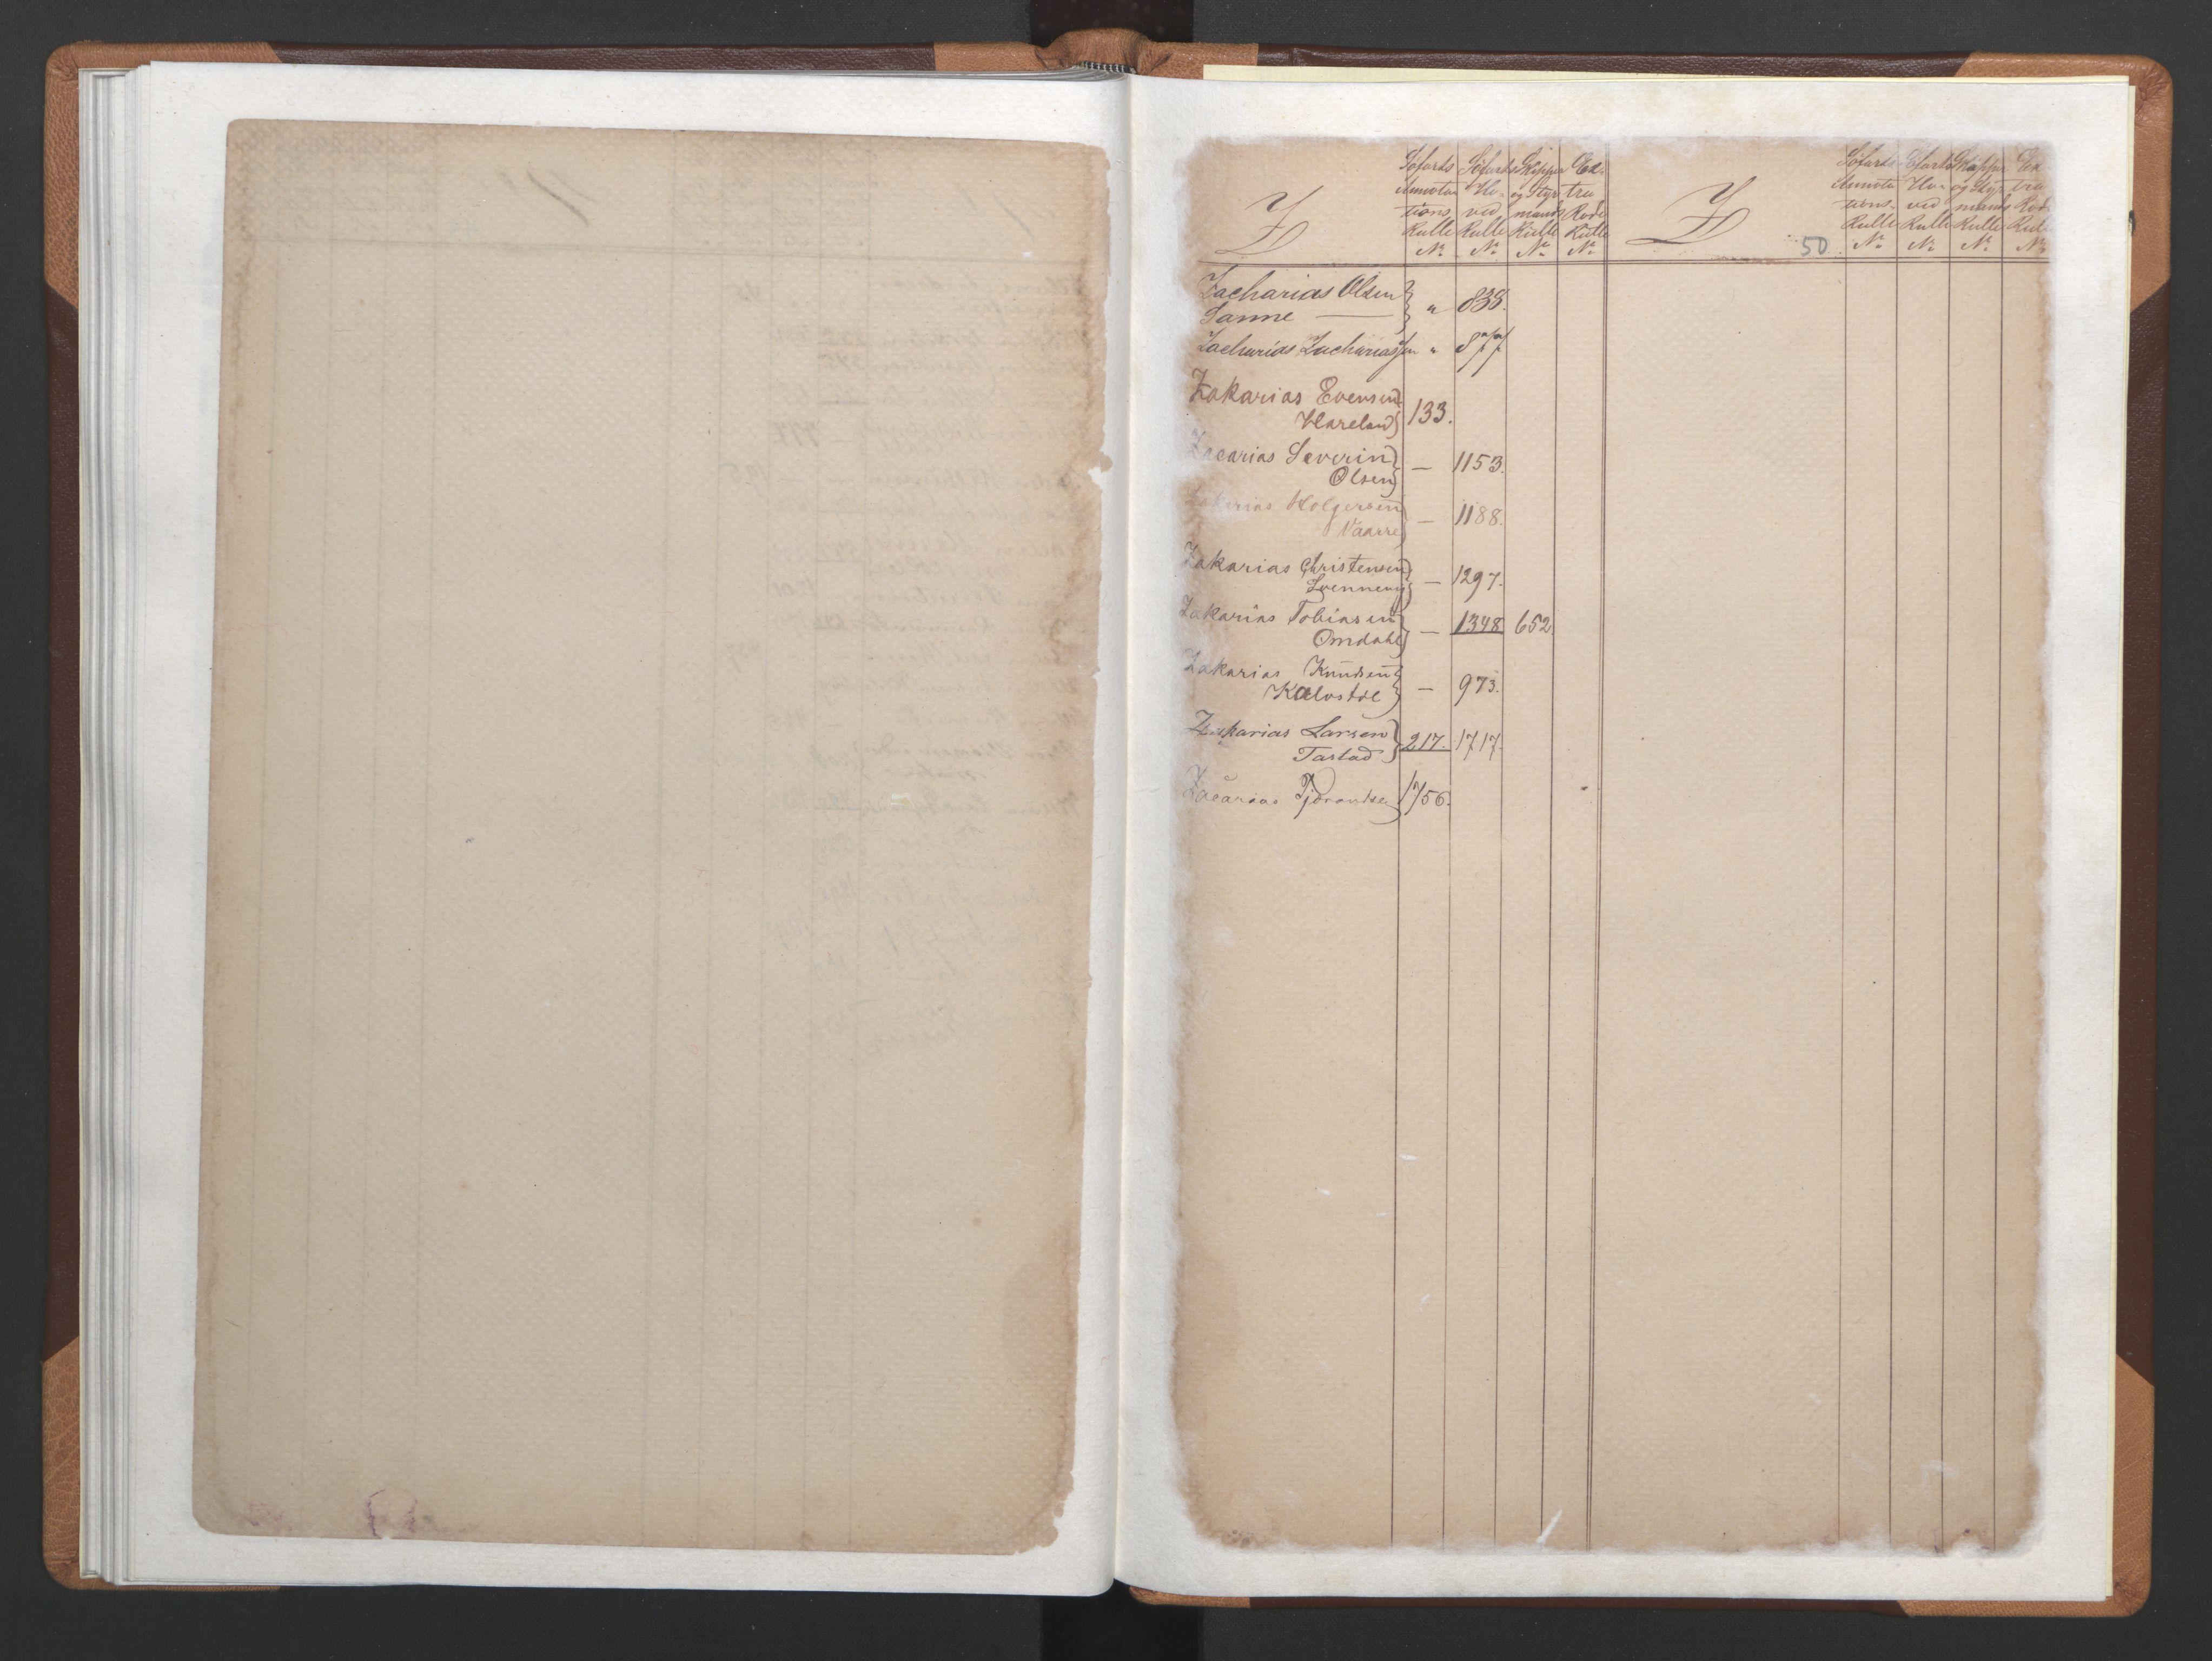 SAST, Stavanger sjømannskontor, F/Fb/Fba/L0002: Navneregister sjøfartsruller, 1860-1869, s. 51